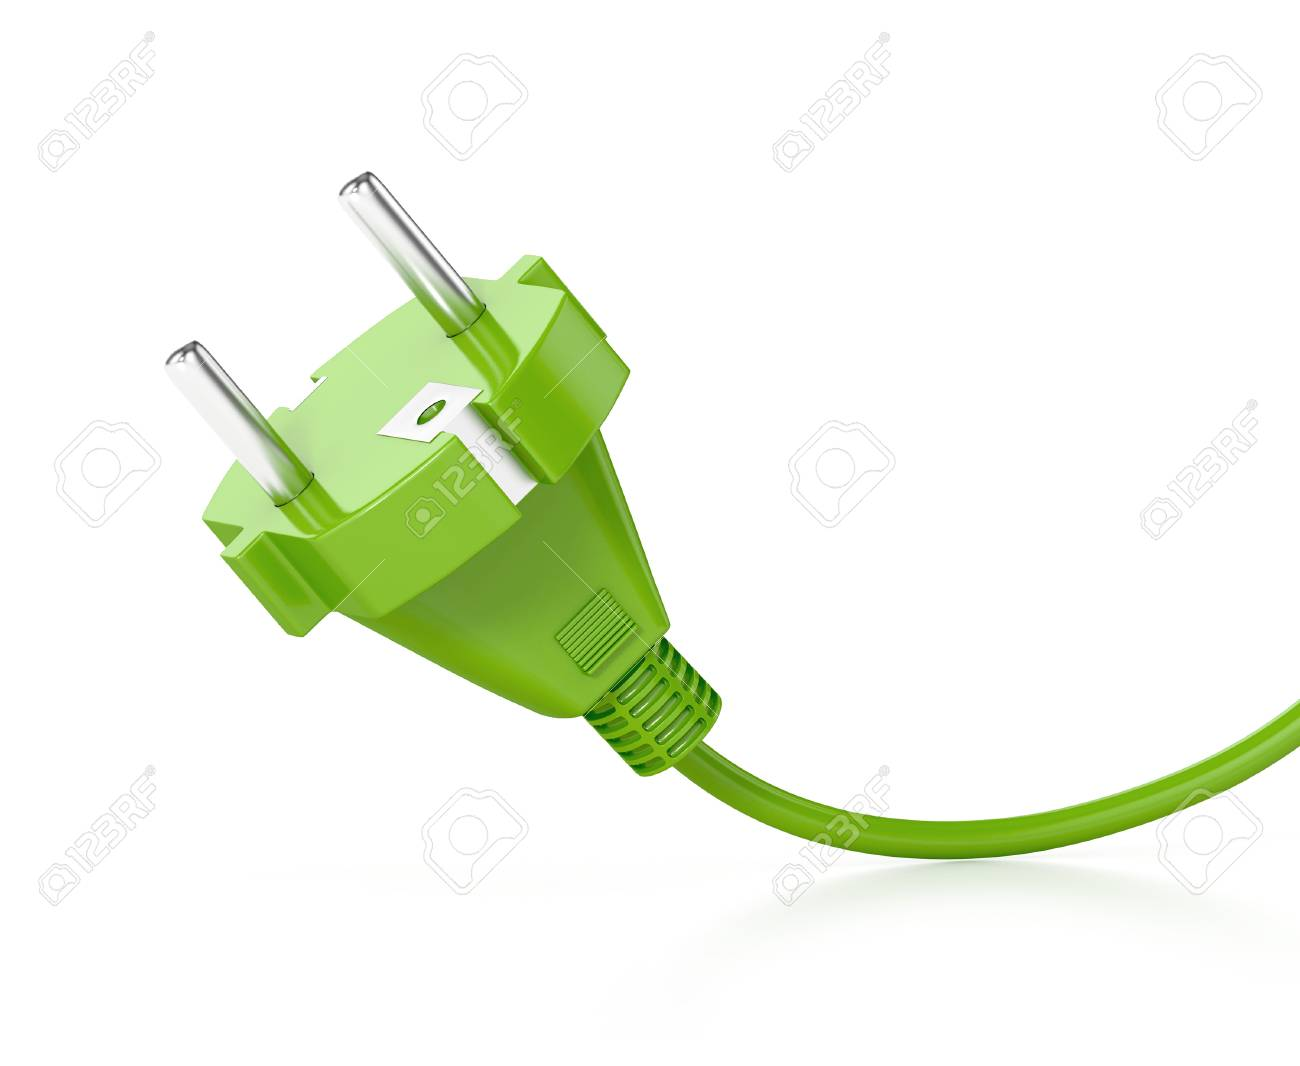 Grüner Elektrischer Stecker Mit Kabel Auf Weißem Hintergrund ...